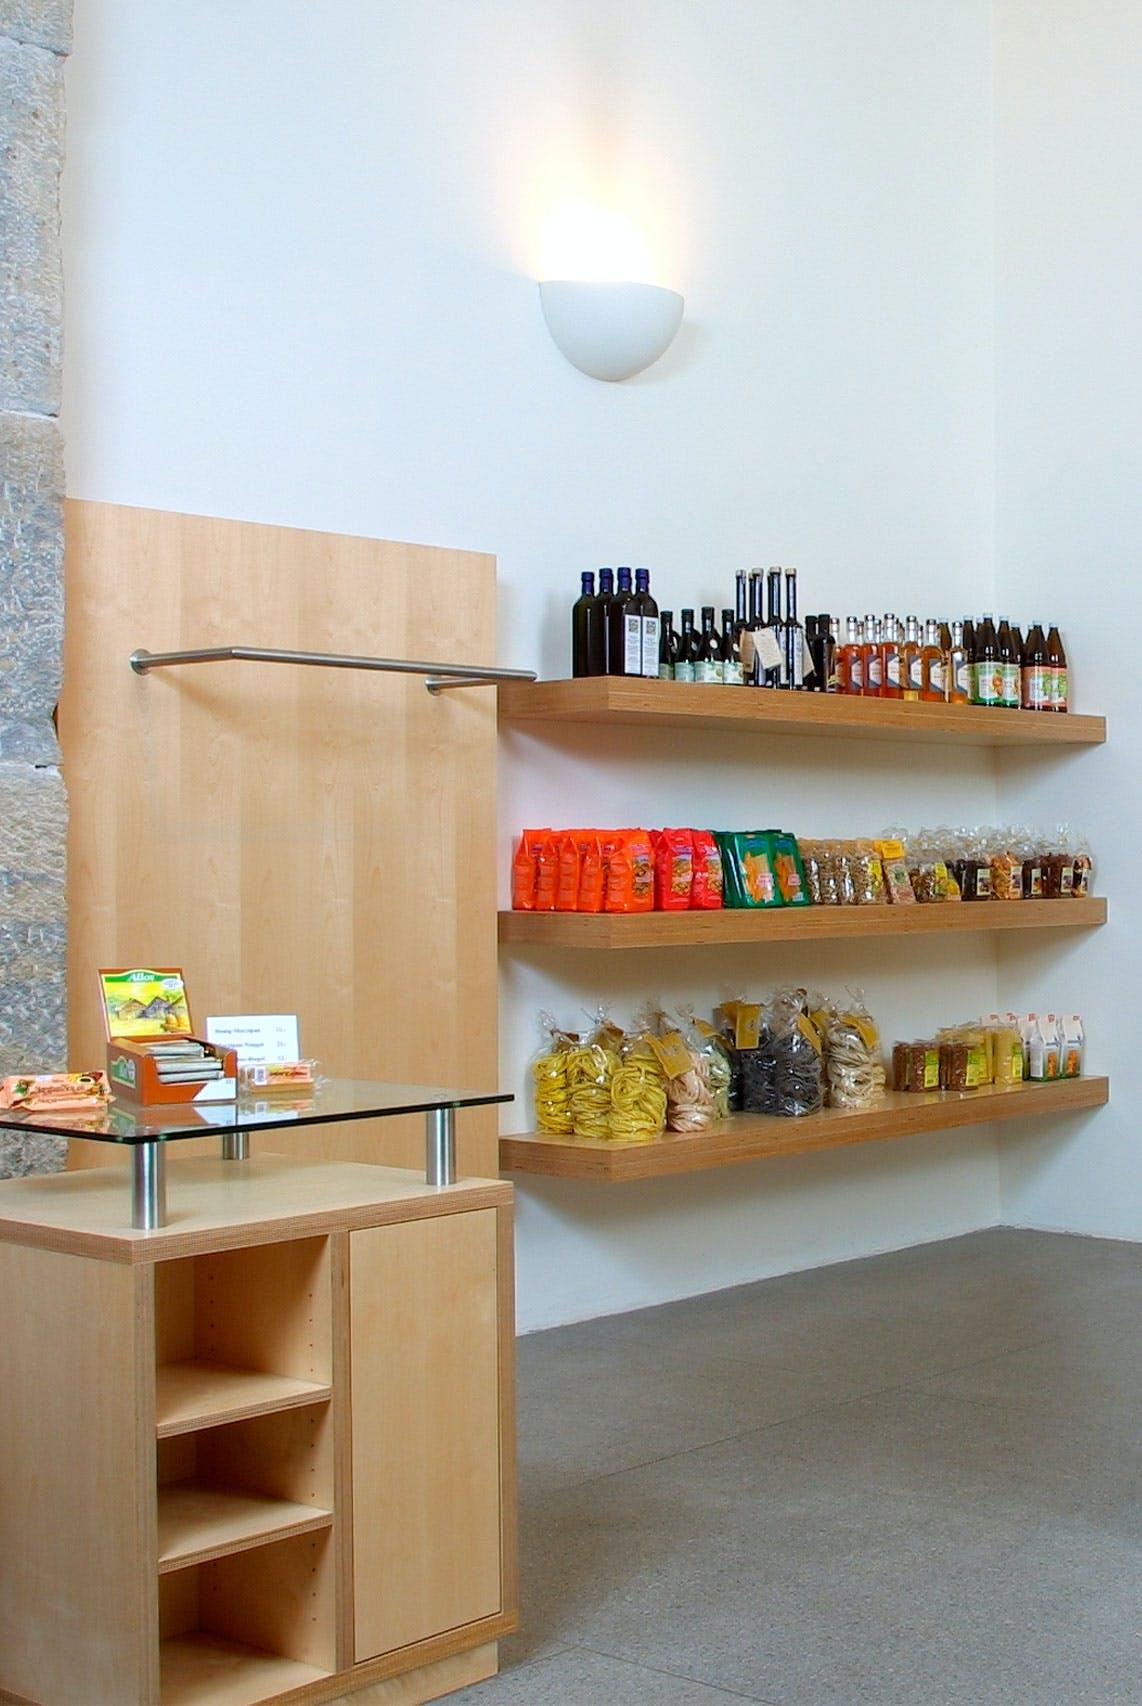 Eine Ladeneinrichtung mit praktischen Holzregalen.